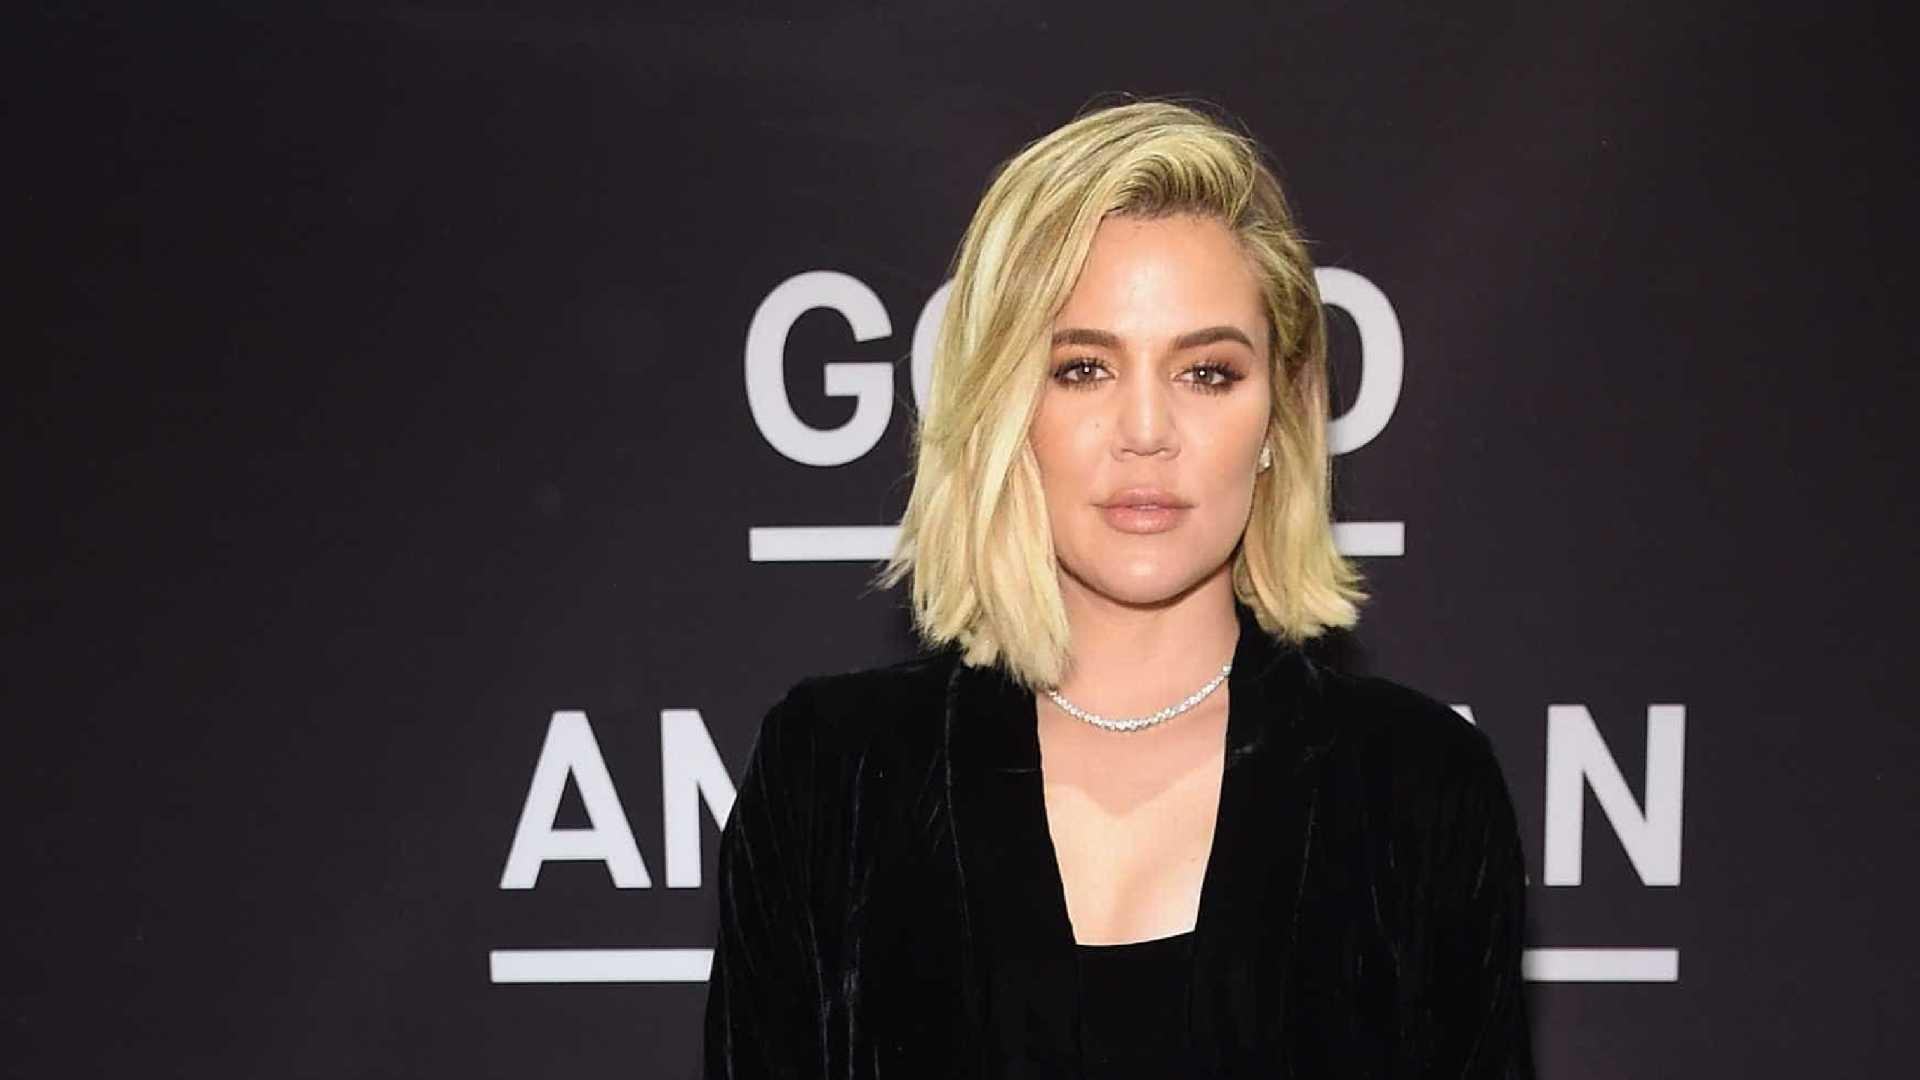 naom 5bd2f803d7223 - Khloé Kardashian afirma estar triste pela política brasileira